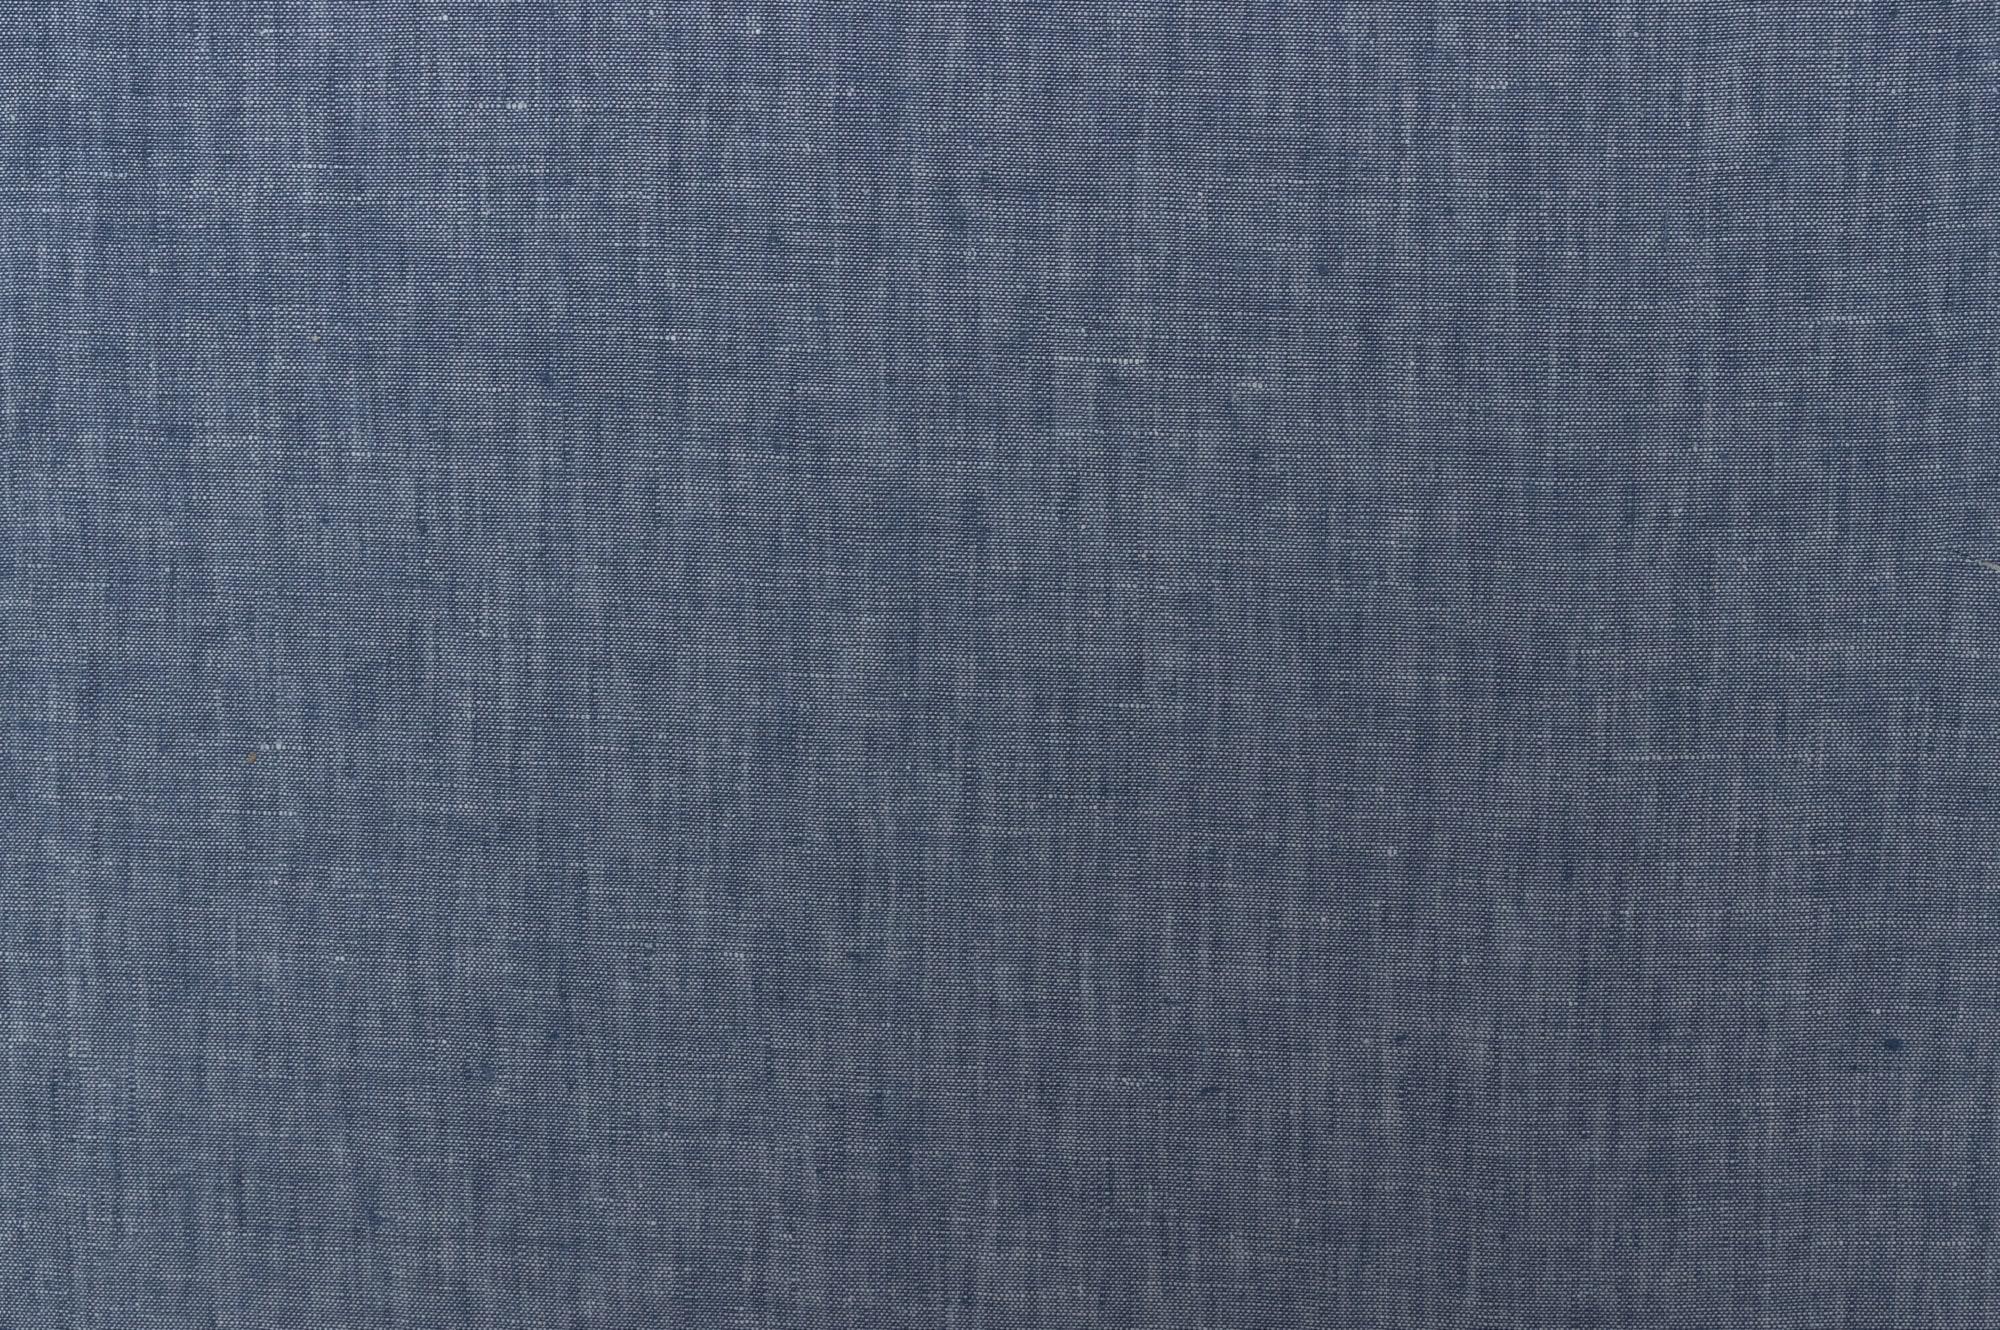 tissus Borali drop 2 en lin bleu